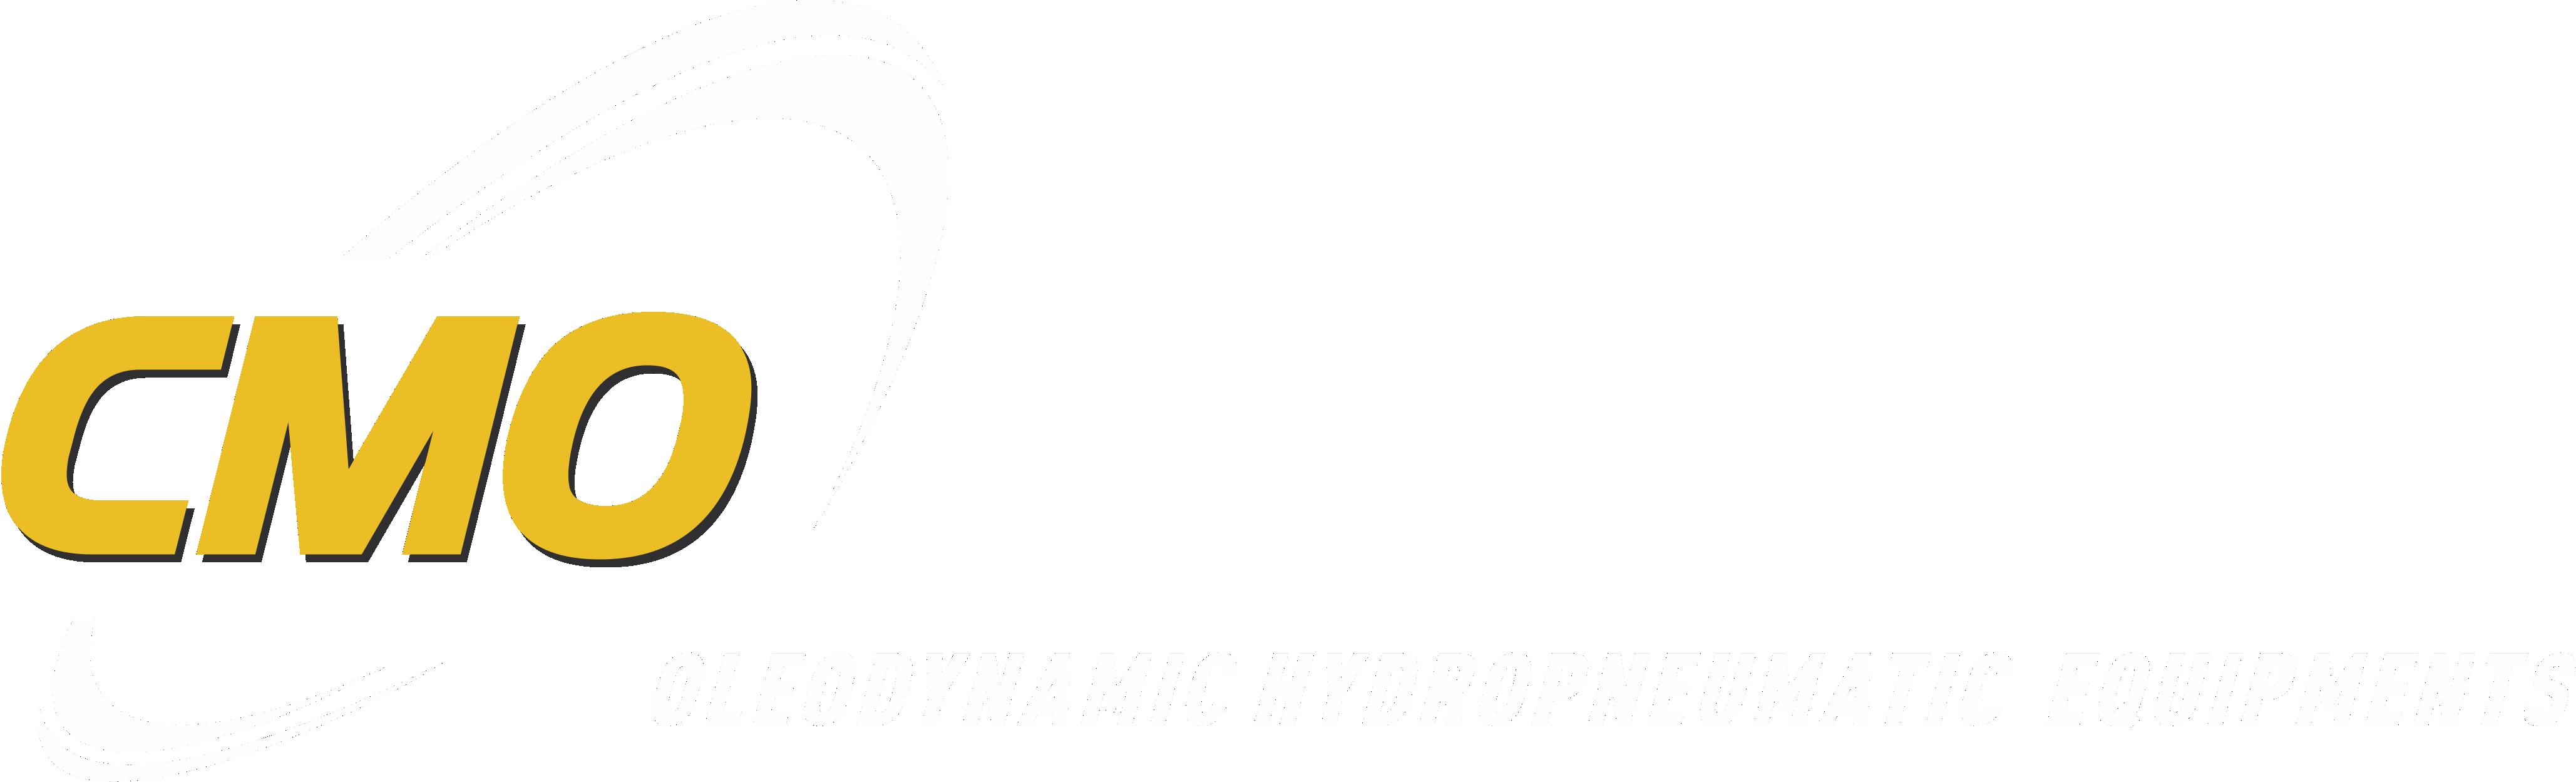 nuovo logo scritta grossa